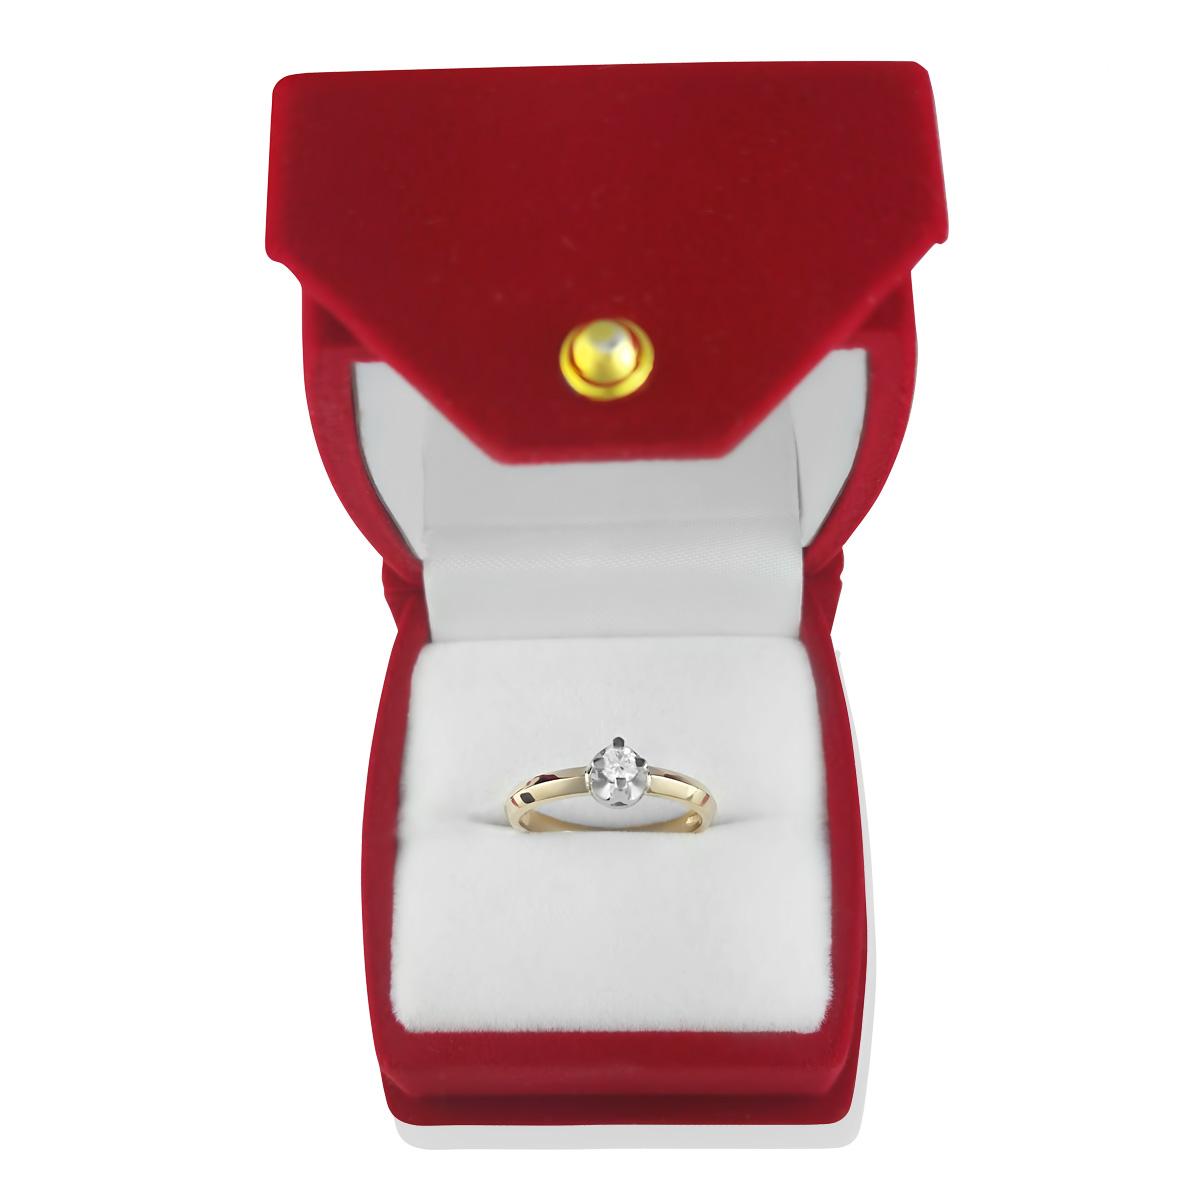 Золоте кольцо для заручин c діамантом 0.06 Ct «Софі»